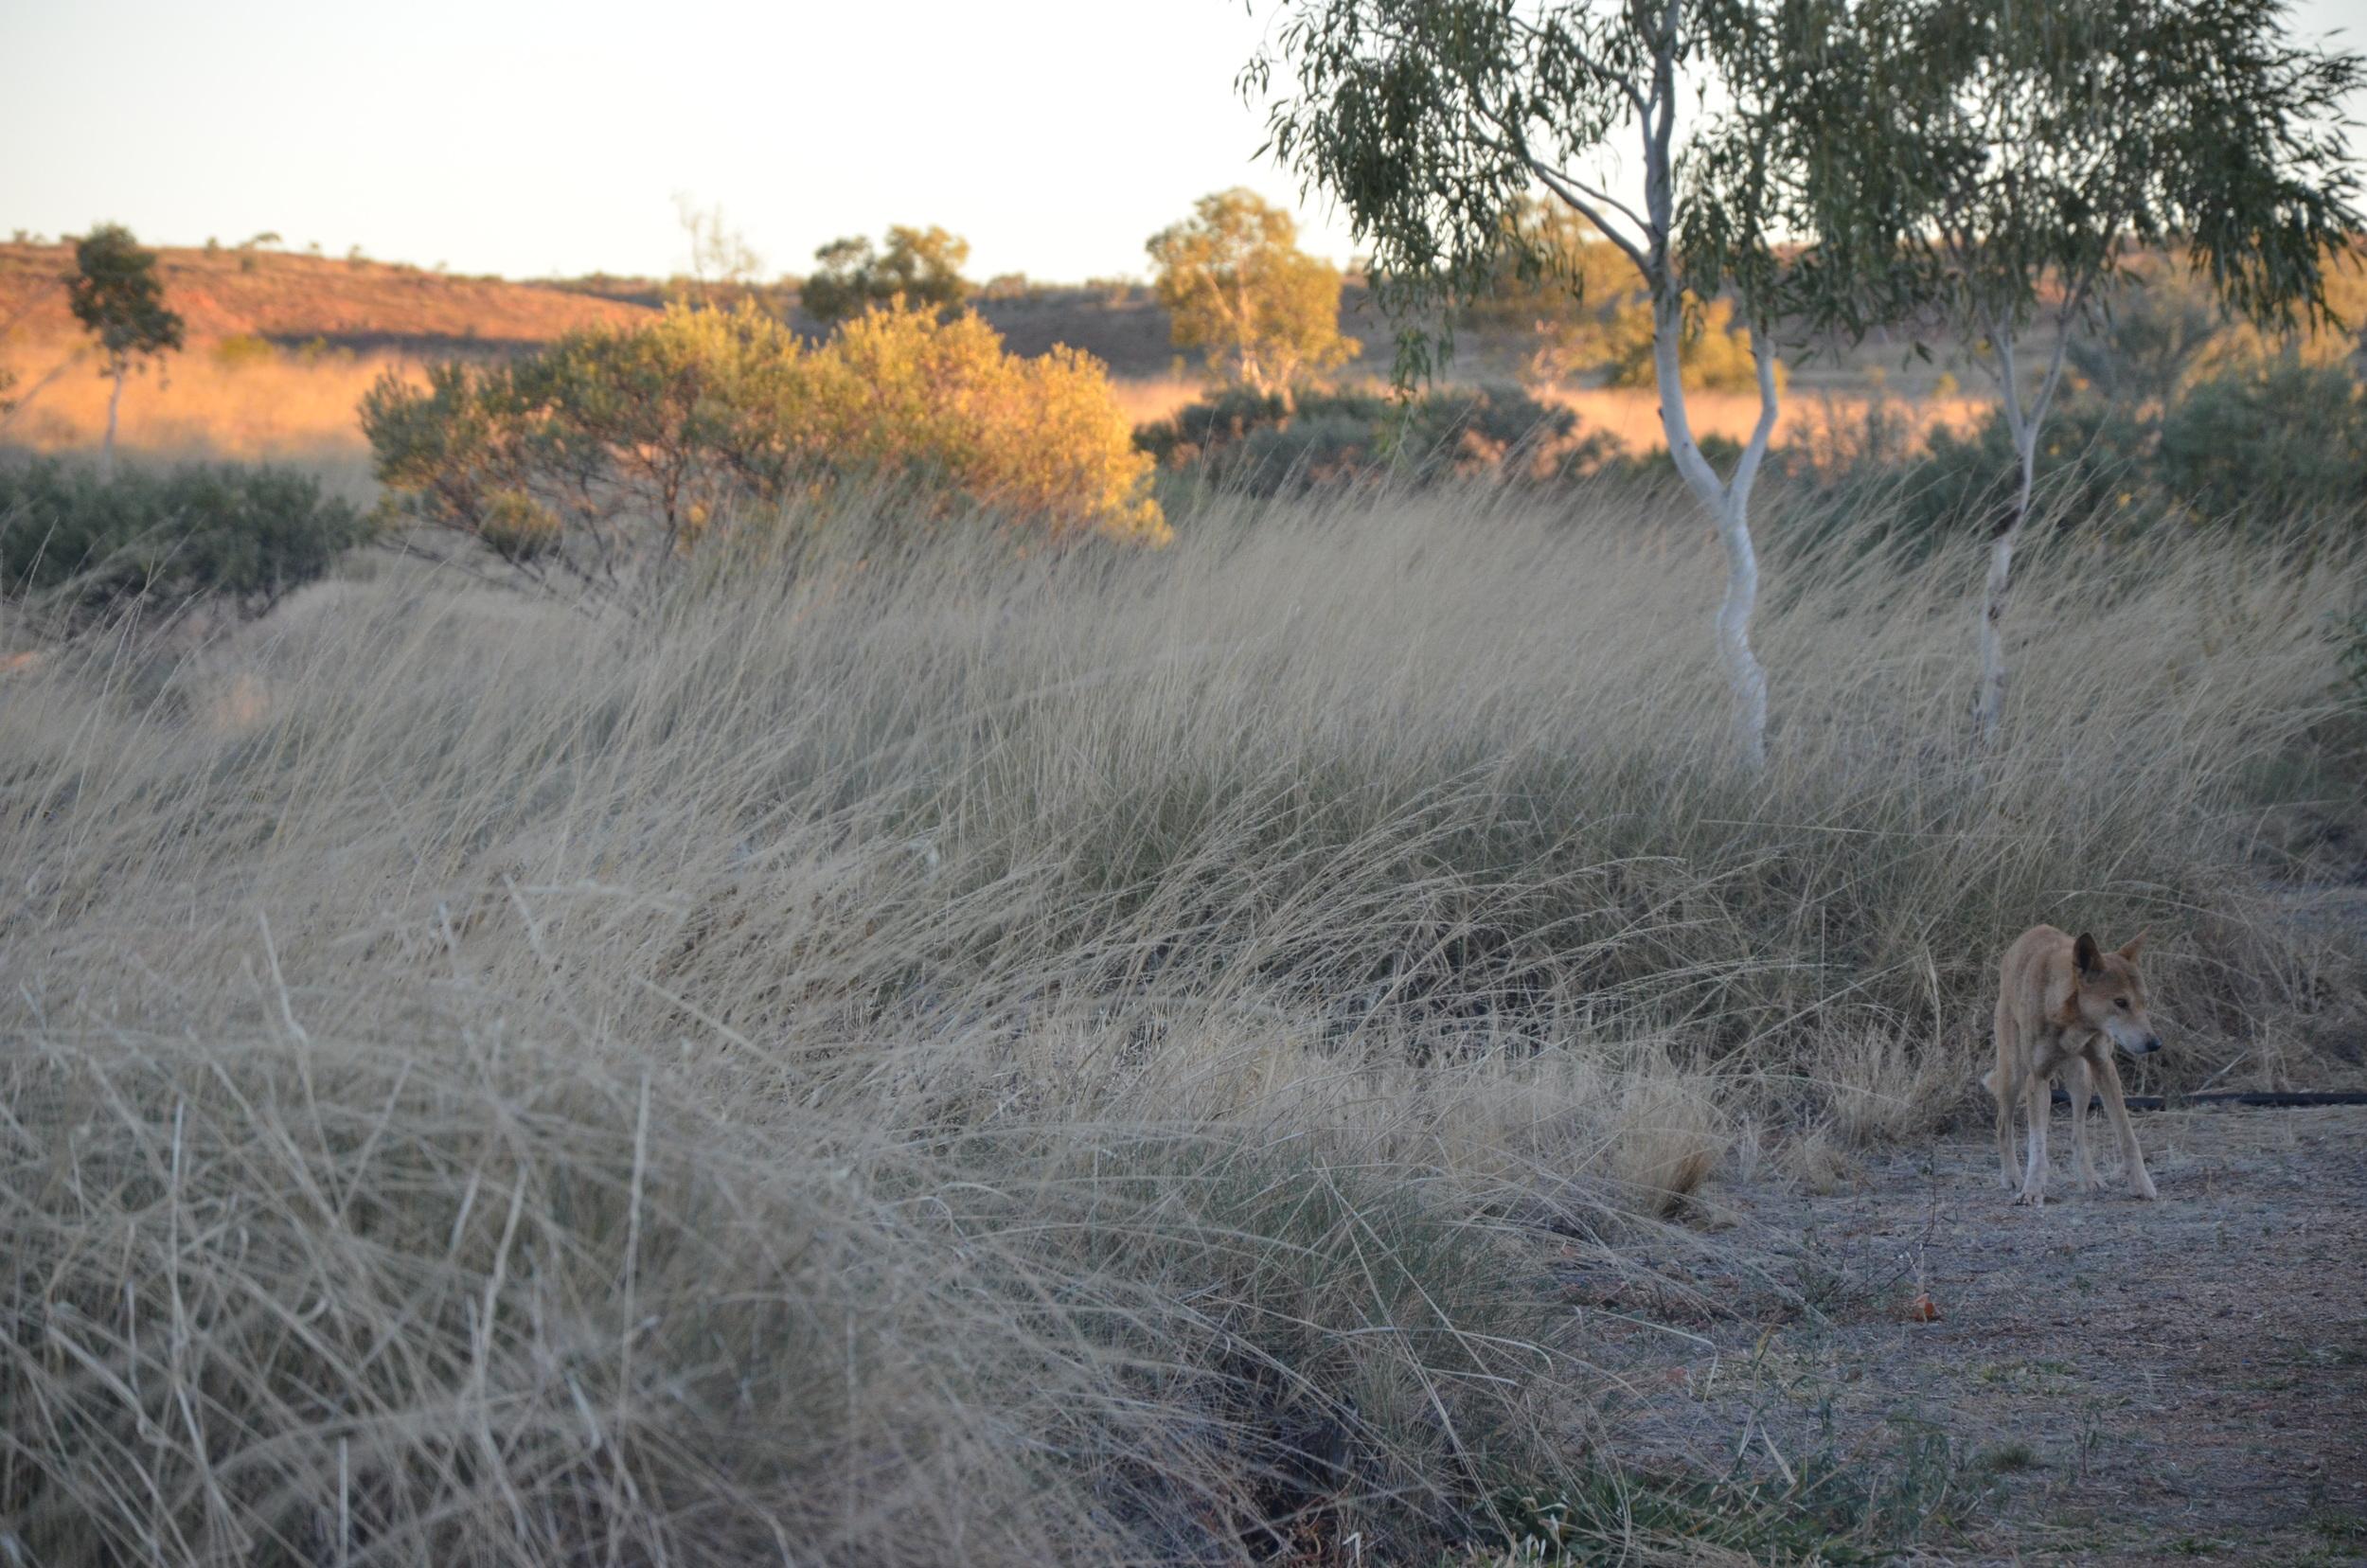 A dingo exploring our camp.